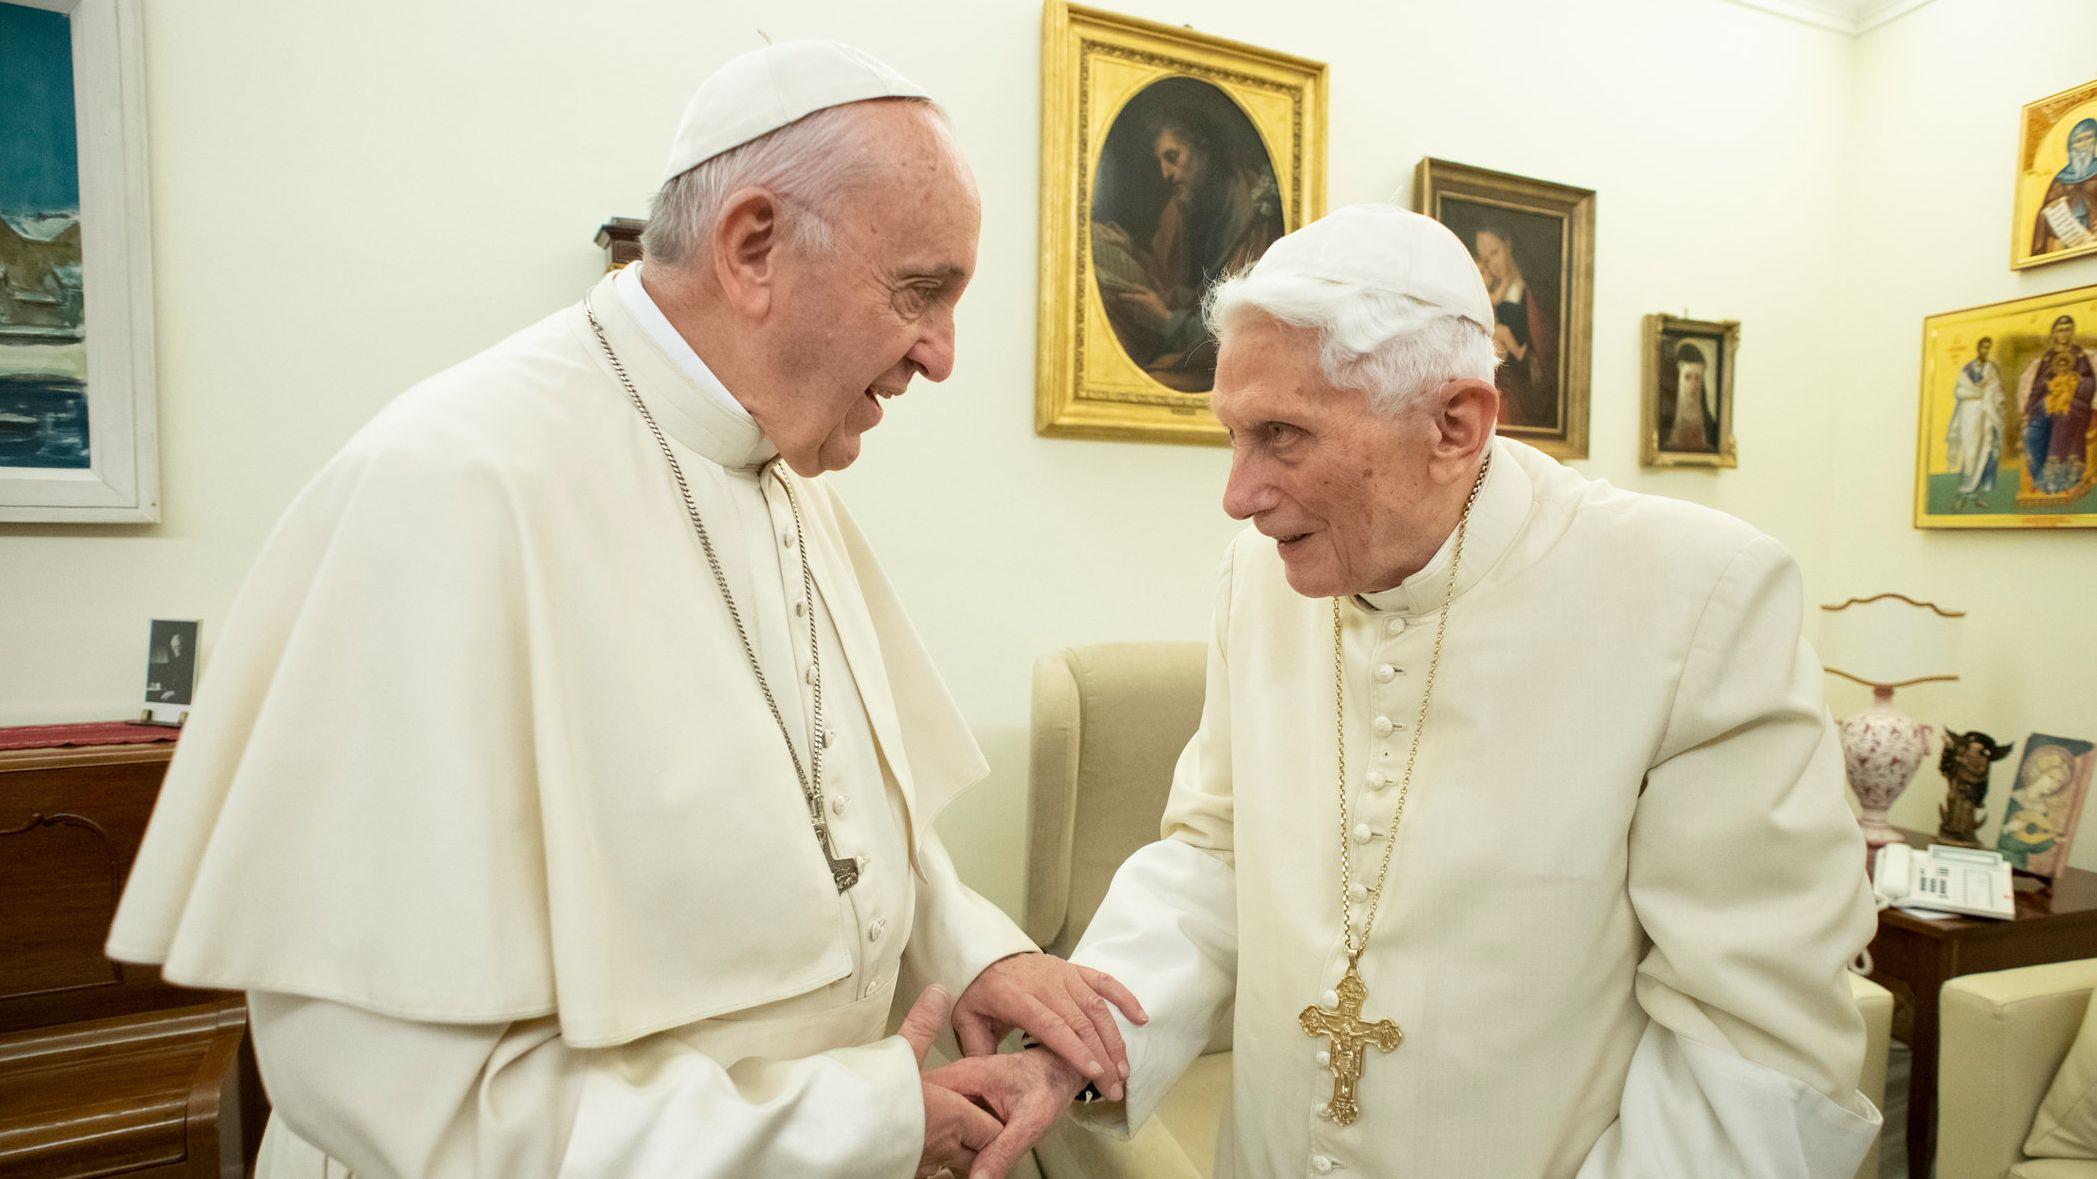 Papst Franziskus (l) und der emeritierte Papst Benedikt XVI